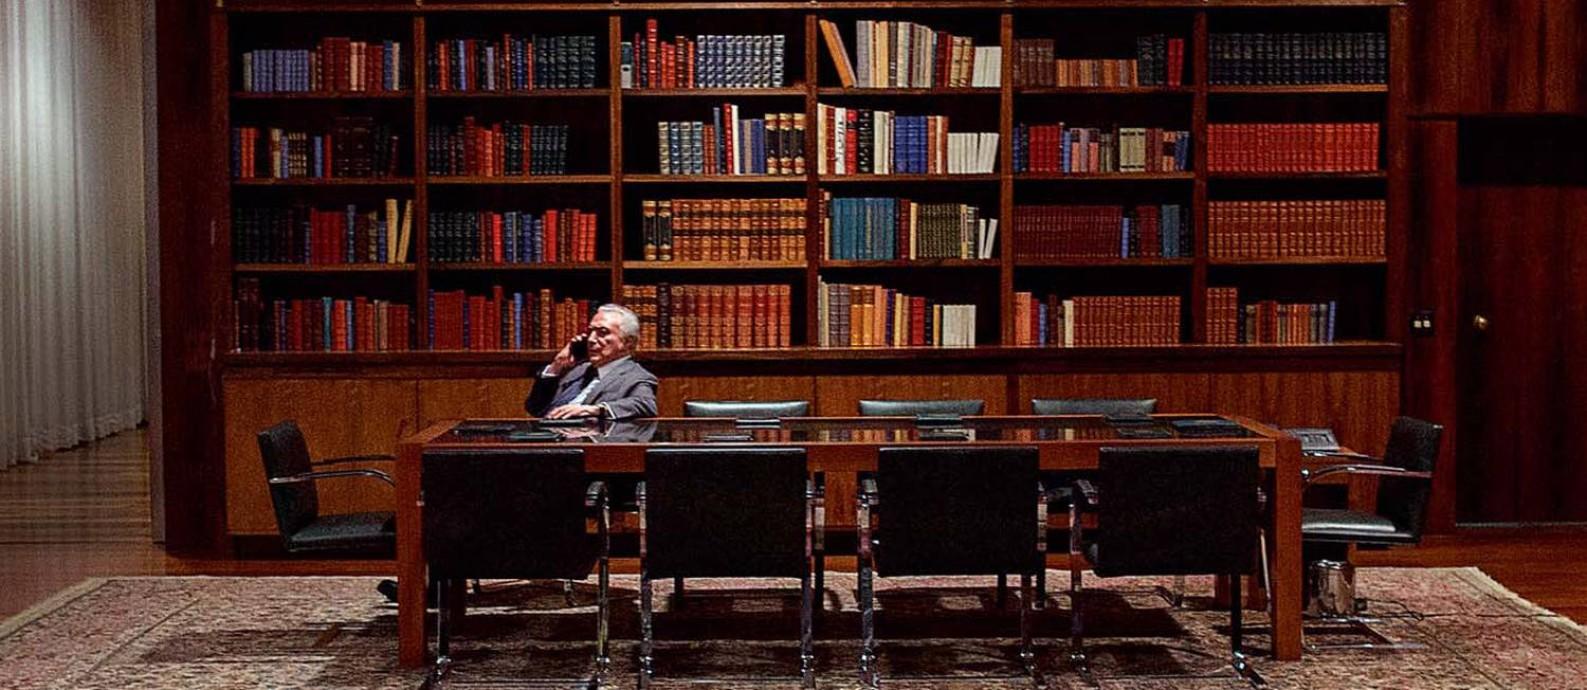 Na biblioteca do Palácio da Alvorada, aonde Temer quase nunca vai. A agenda de final de mandato é mínima Foto: Daniel Marenco / Agência O Globo